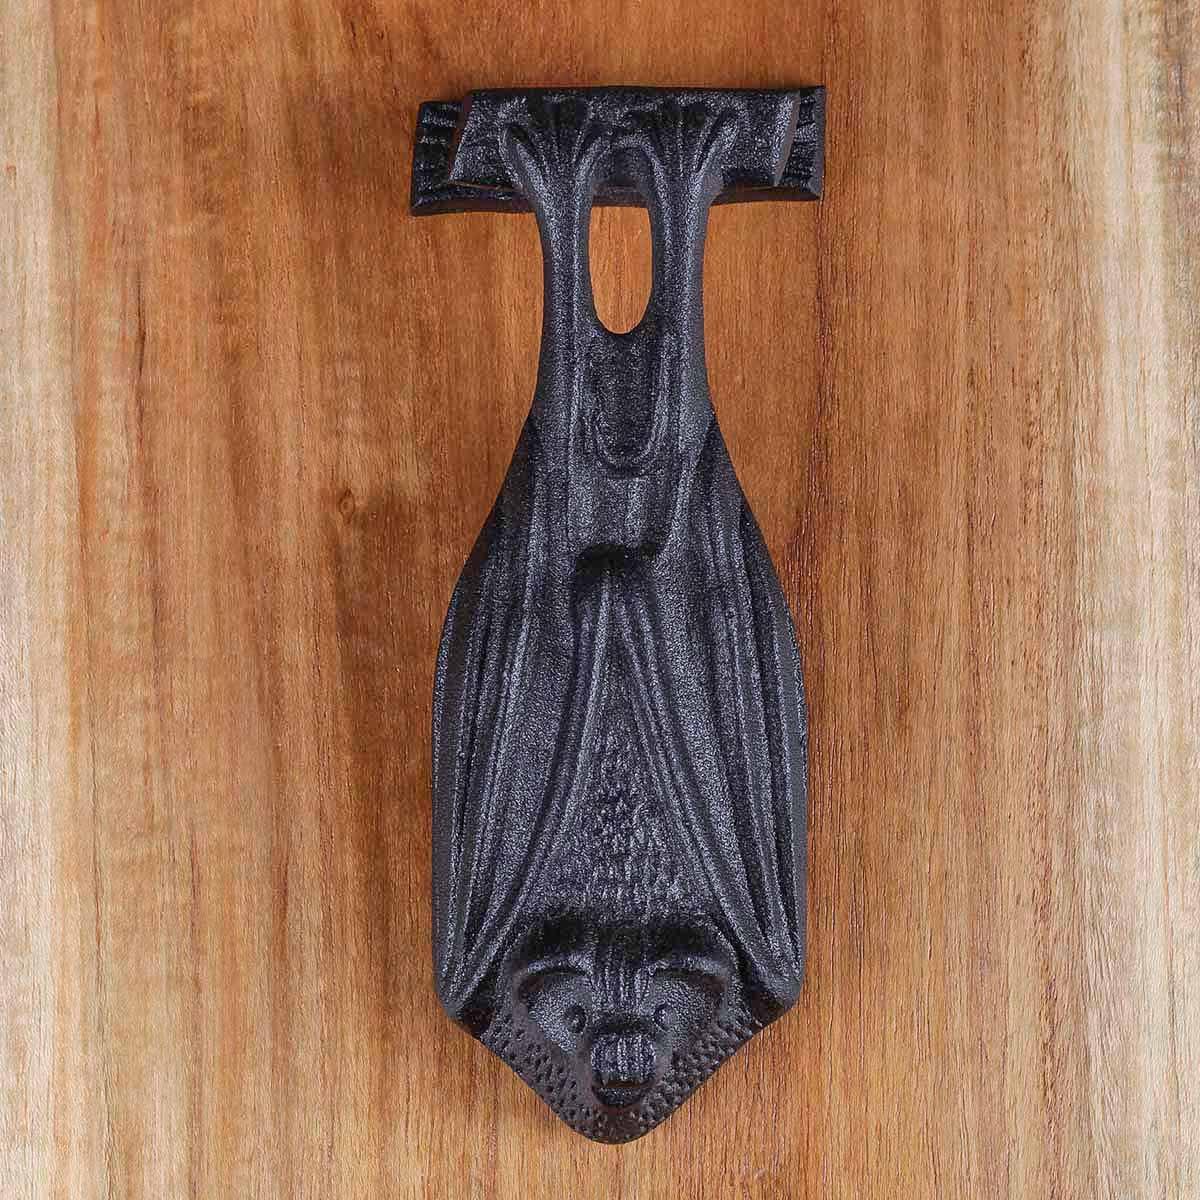 Door Knocker Black Cast Iron Bat 5 H x 2 W Bat Door Knocker Cast Iron Door Knockers Black Door Knockers For Front Door